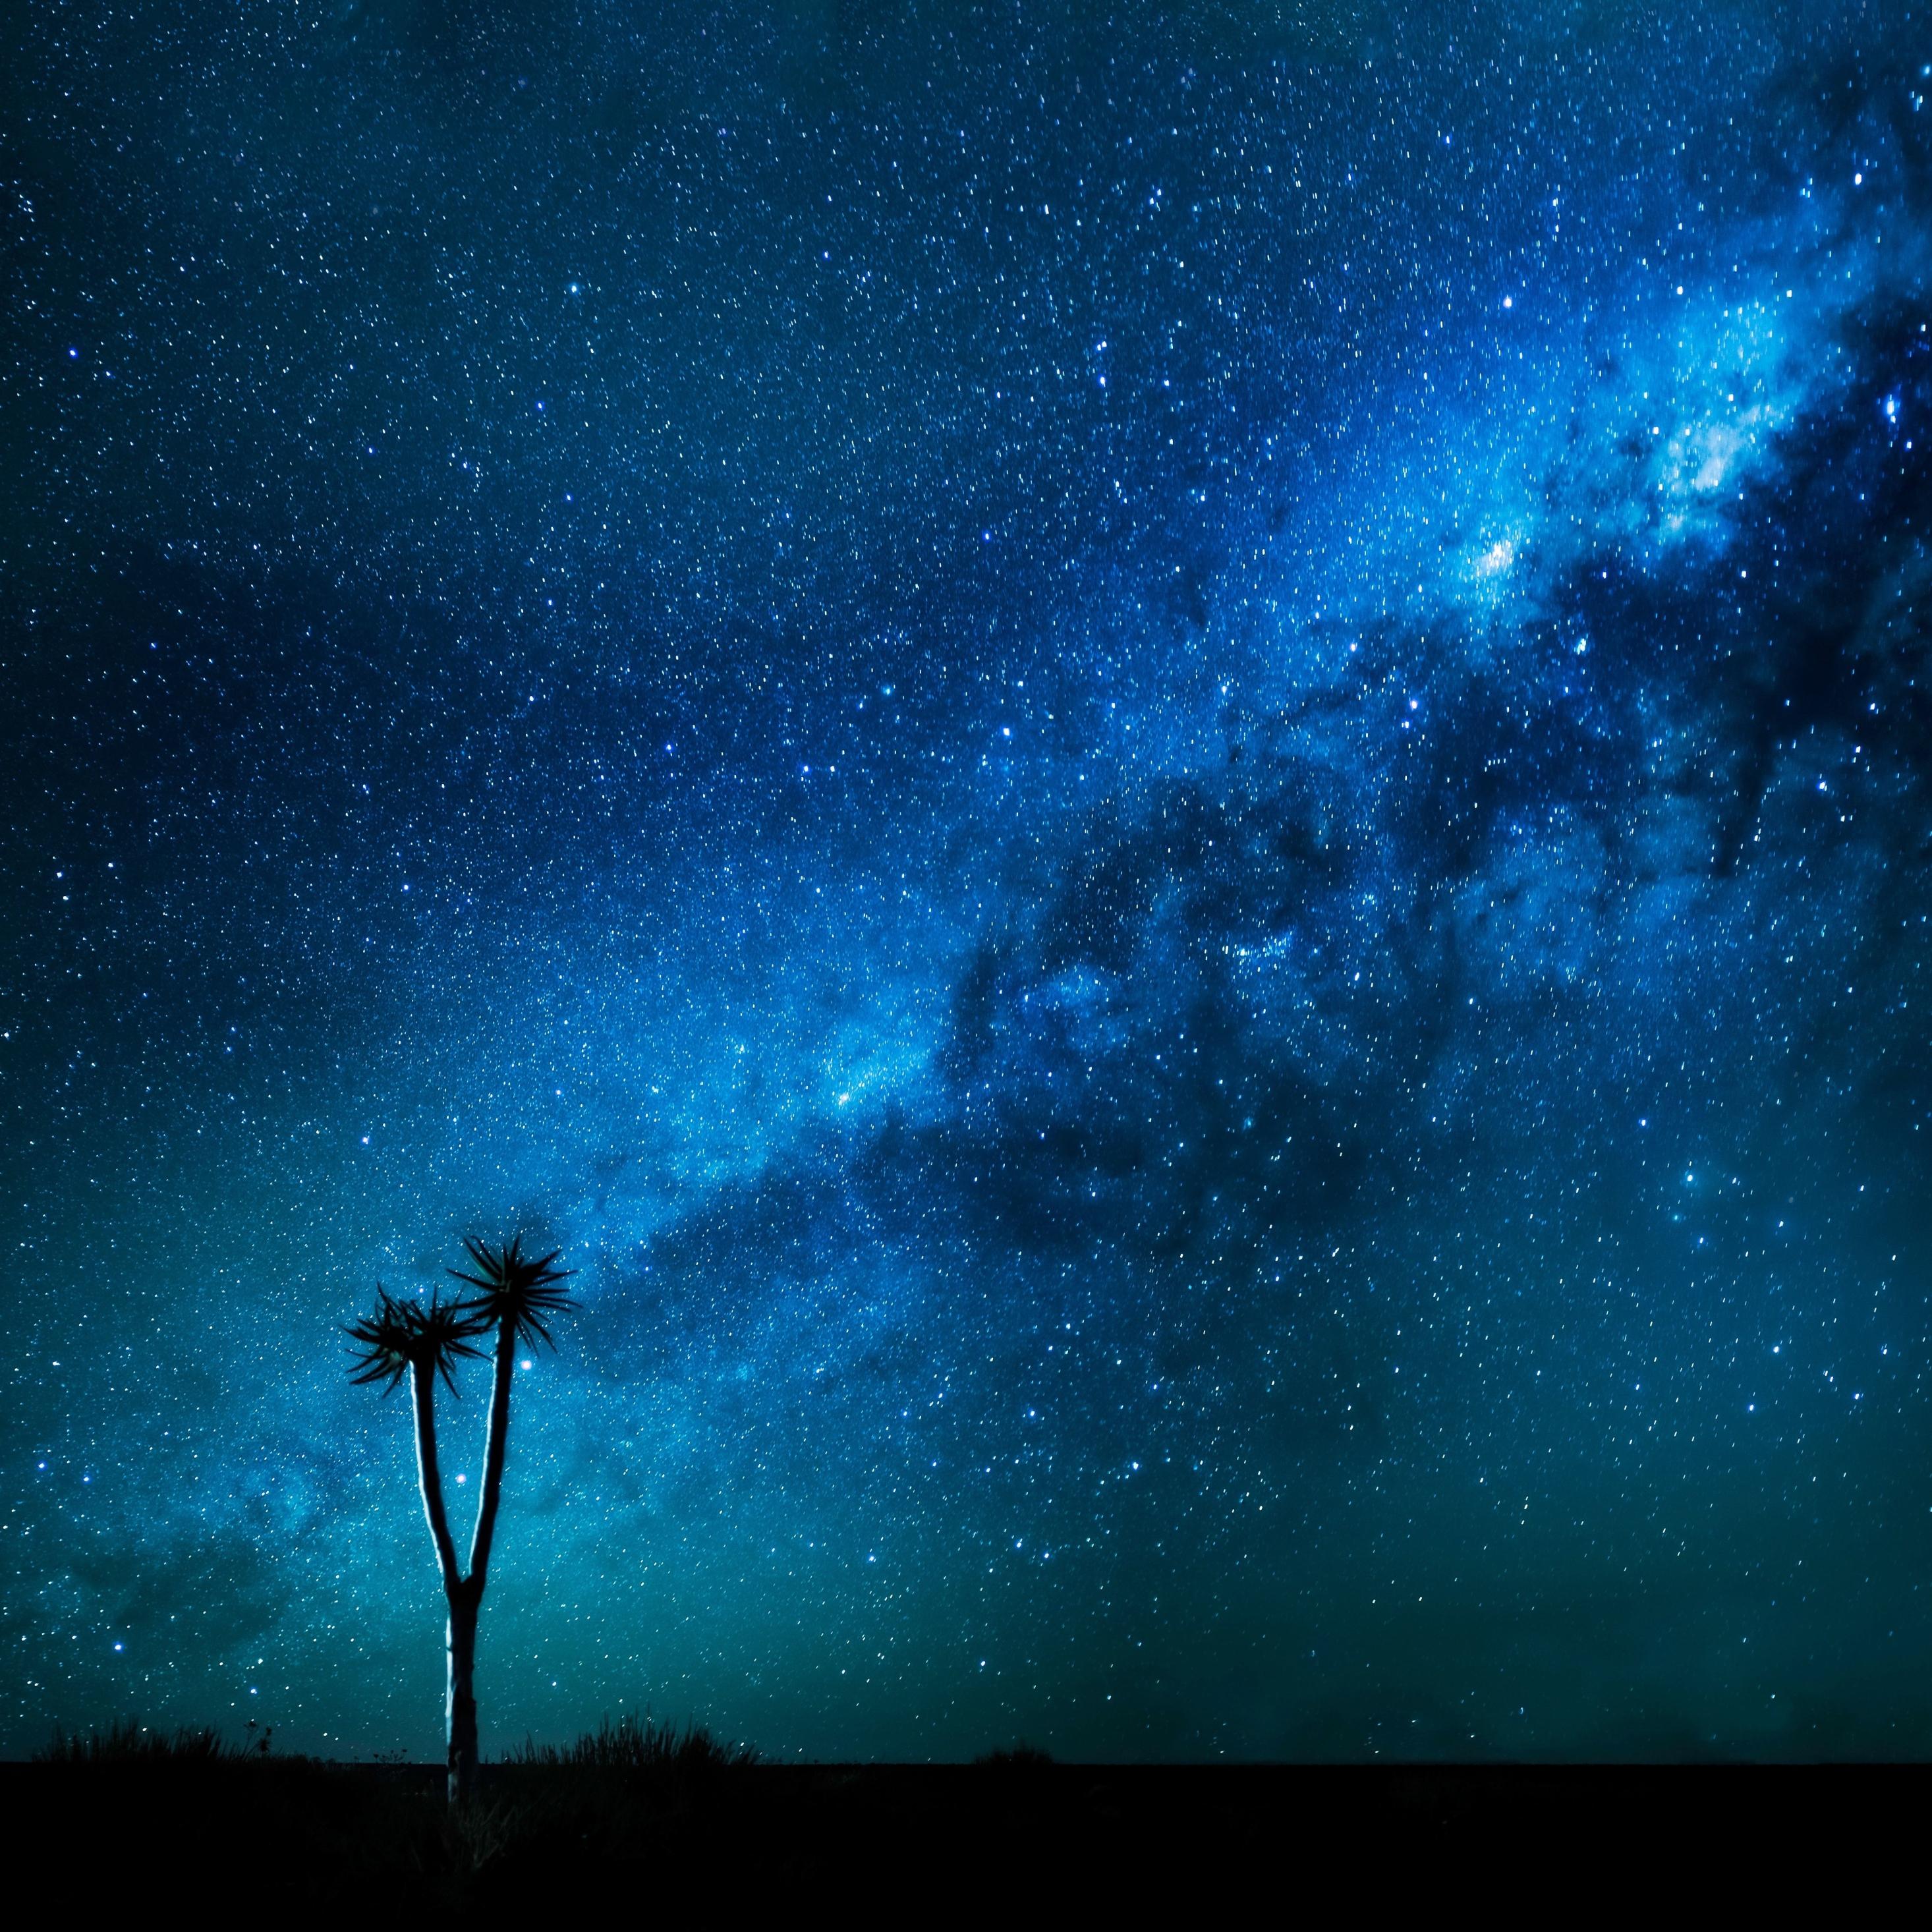 Milky Way Wallpaper: Milkyway, HD 8K Wallpaper